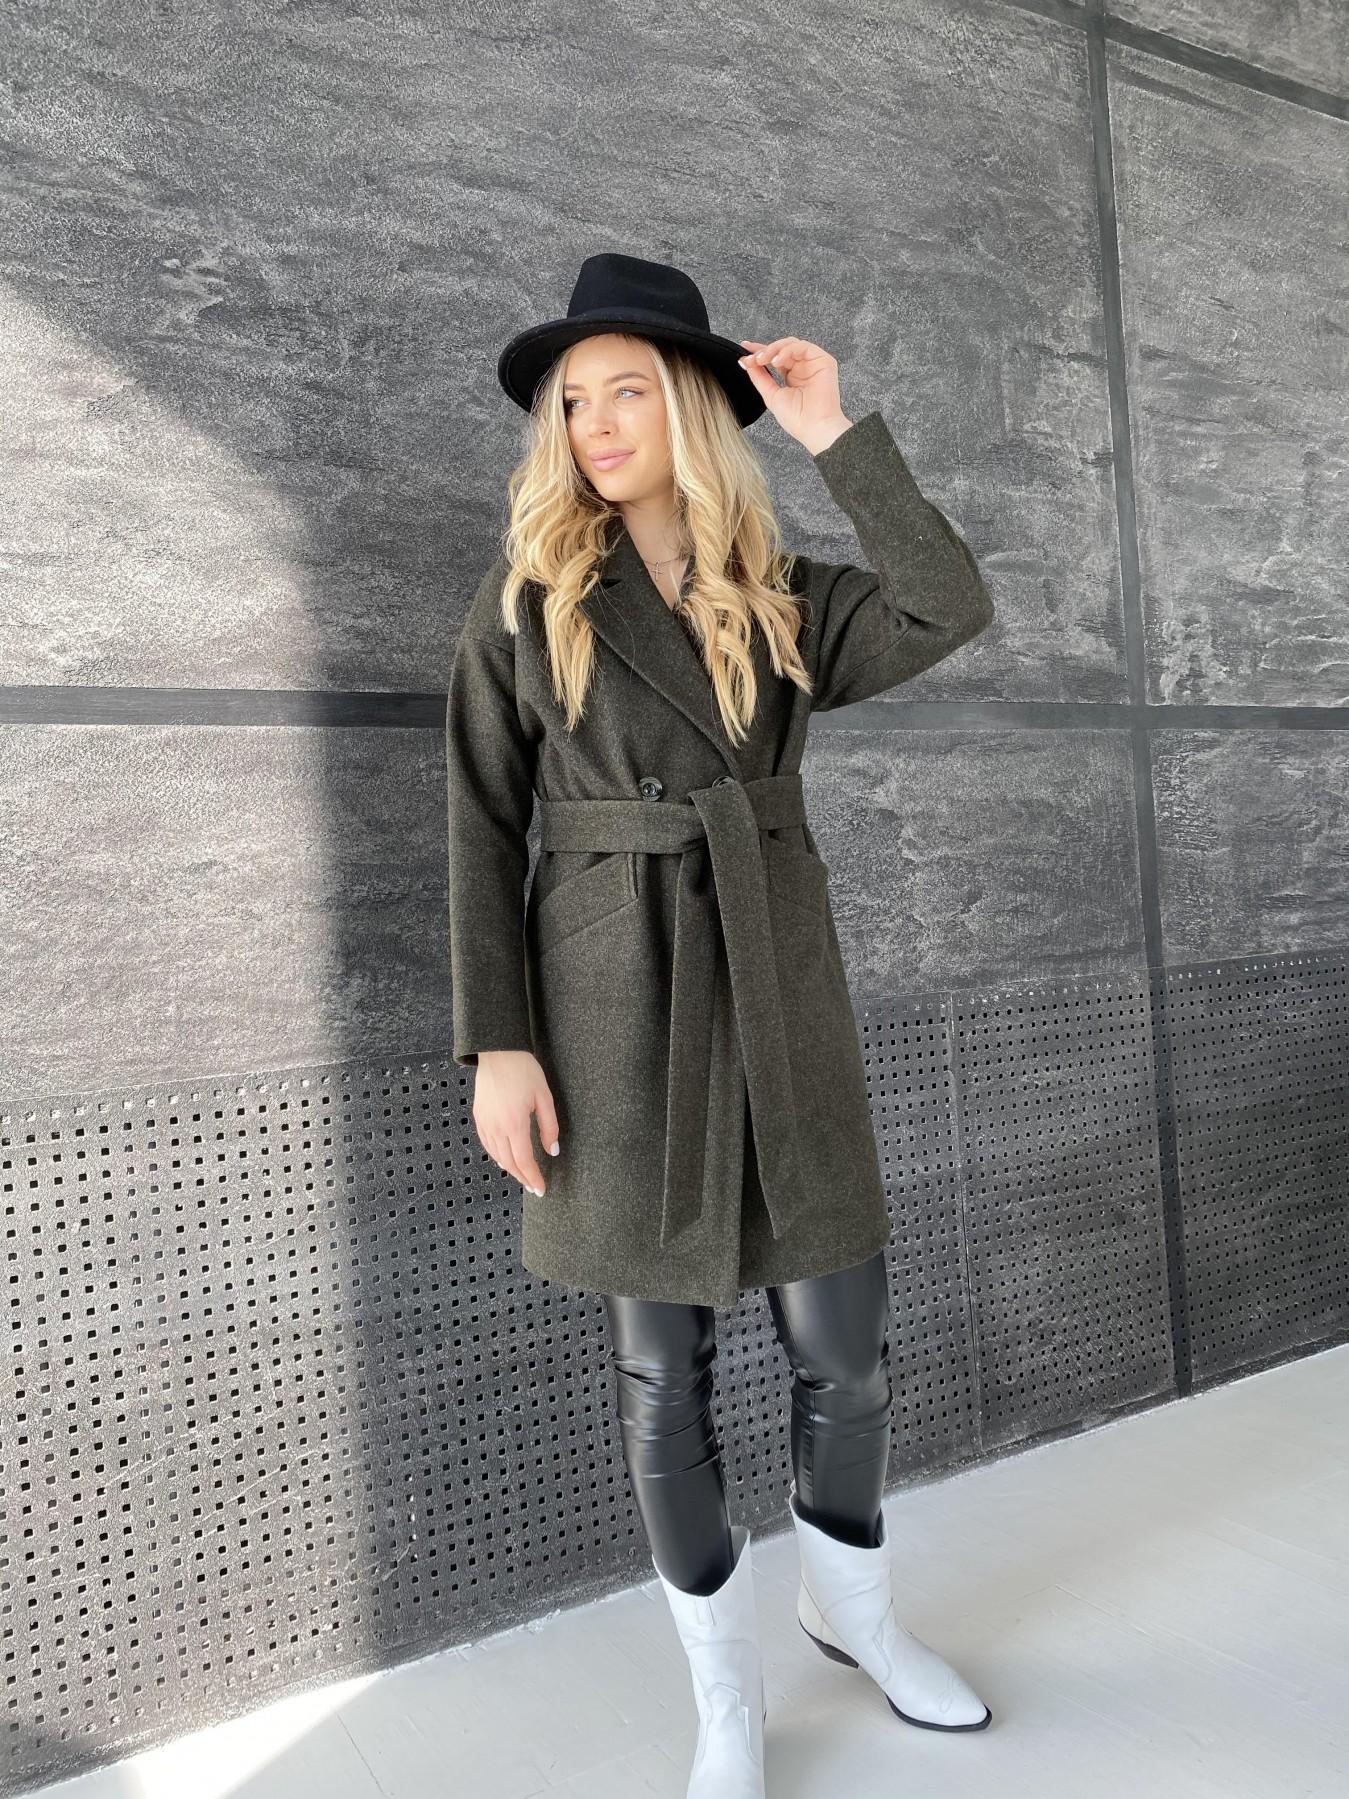 Сенсей пальто из кашемира меланж  10745 АРТ. 47231 Цвет: Хаки - фото 7, интернет магазин tm-modus.ru